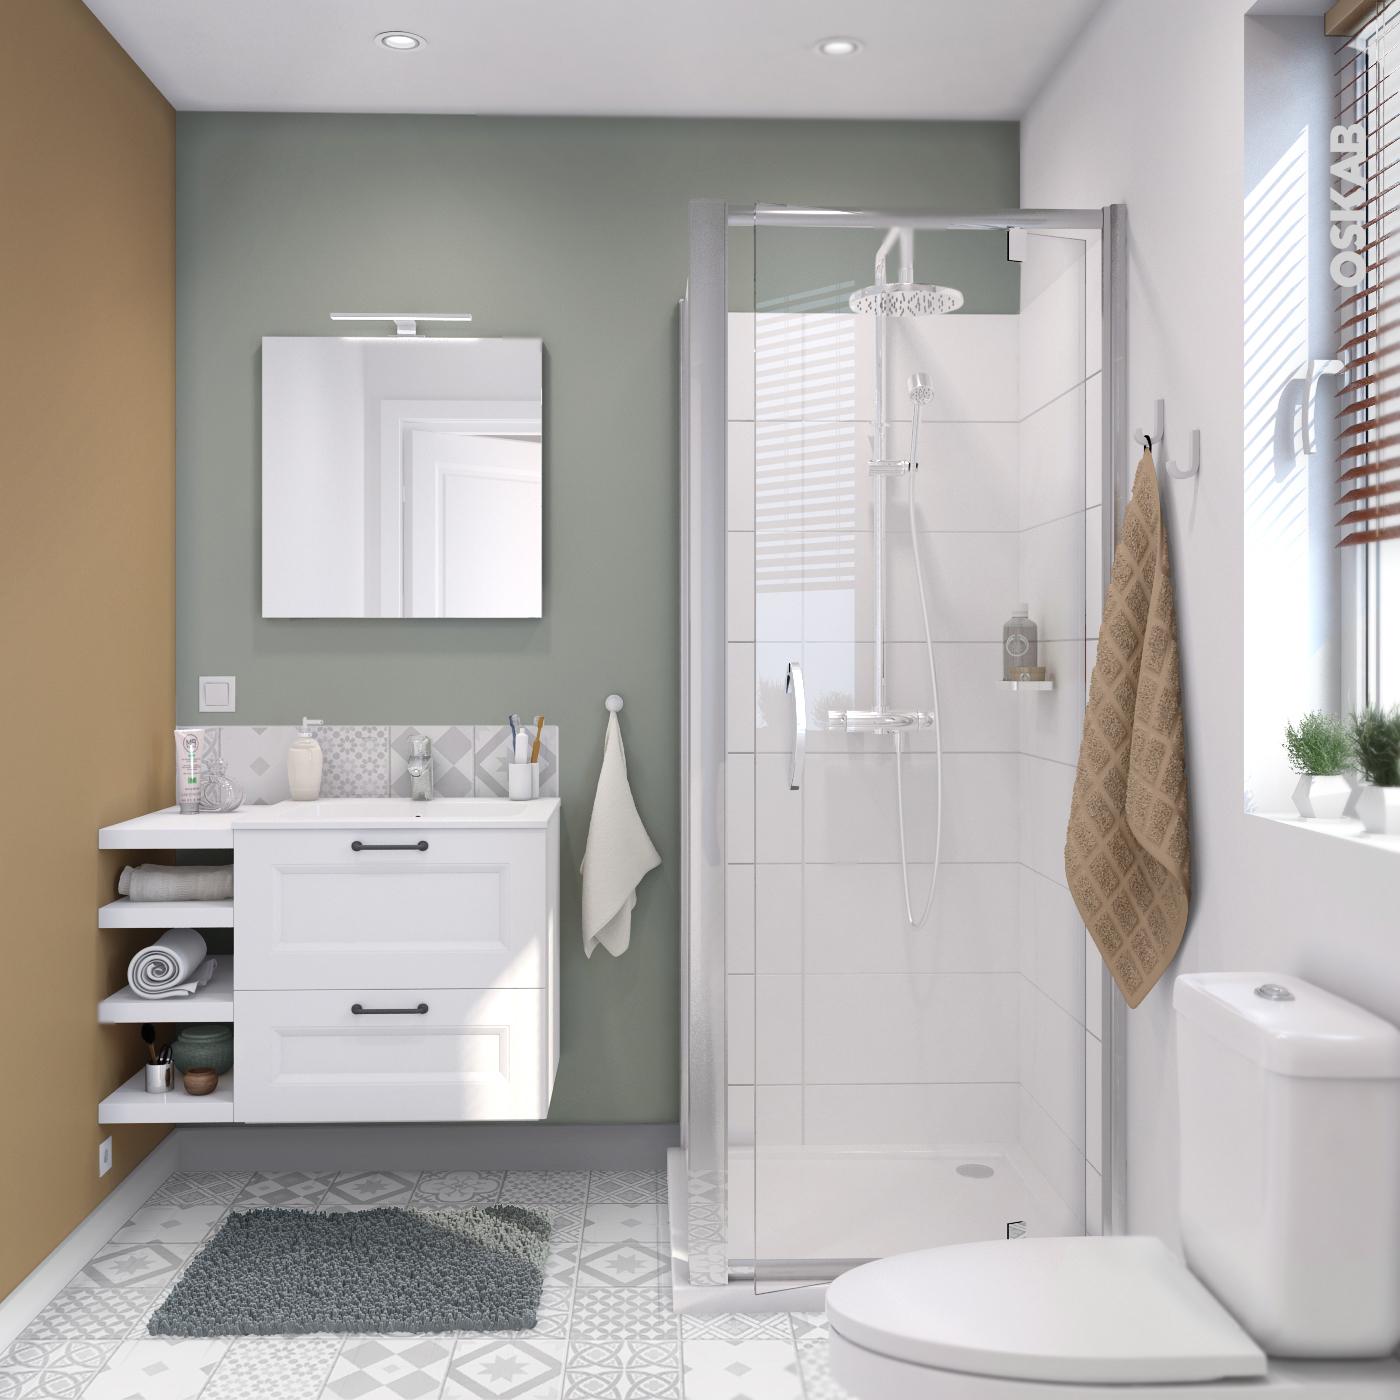 Nettoyer Evier Resine Noir ensemble salle de bains meuble static blanc plan vasque résine, miroir et  éclairage, l60,5 x h58,5 x p40,5 cm